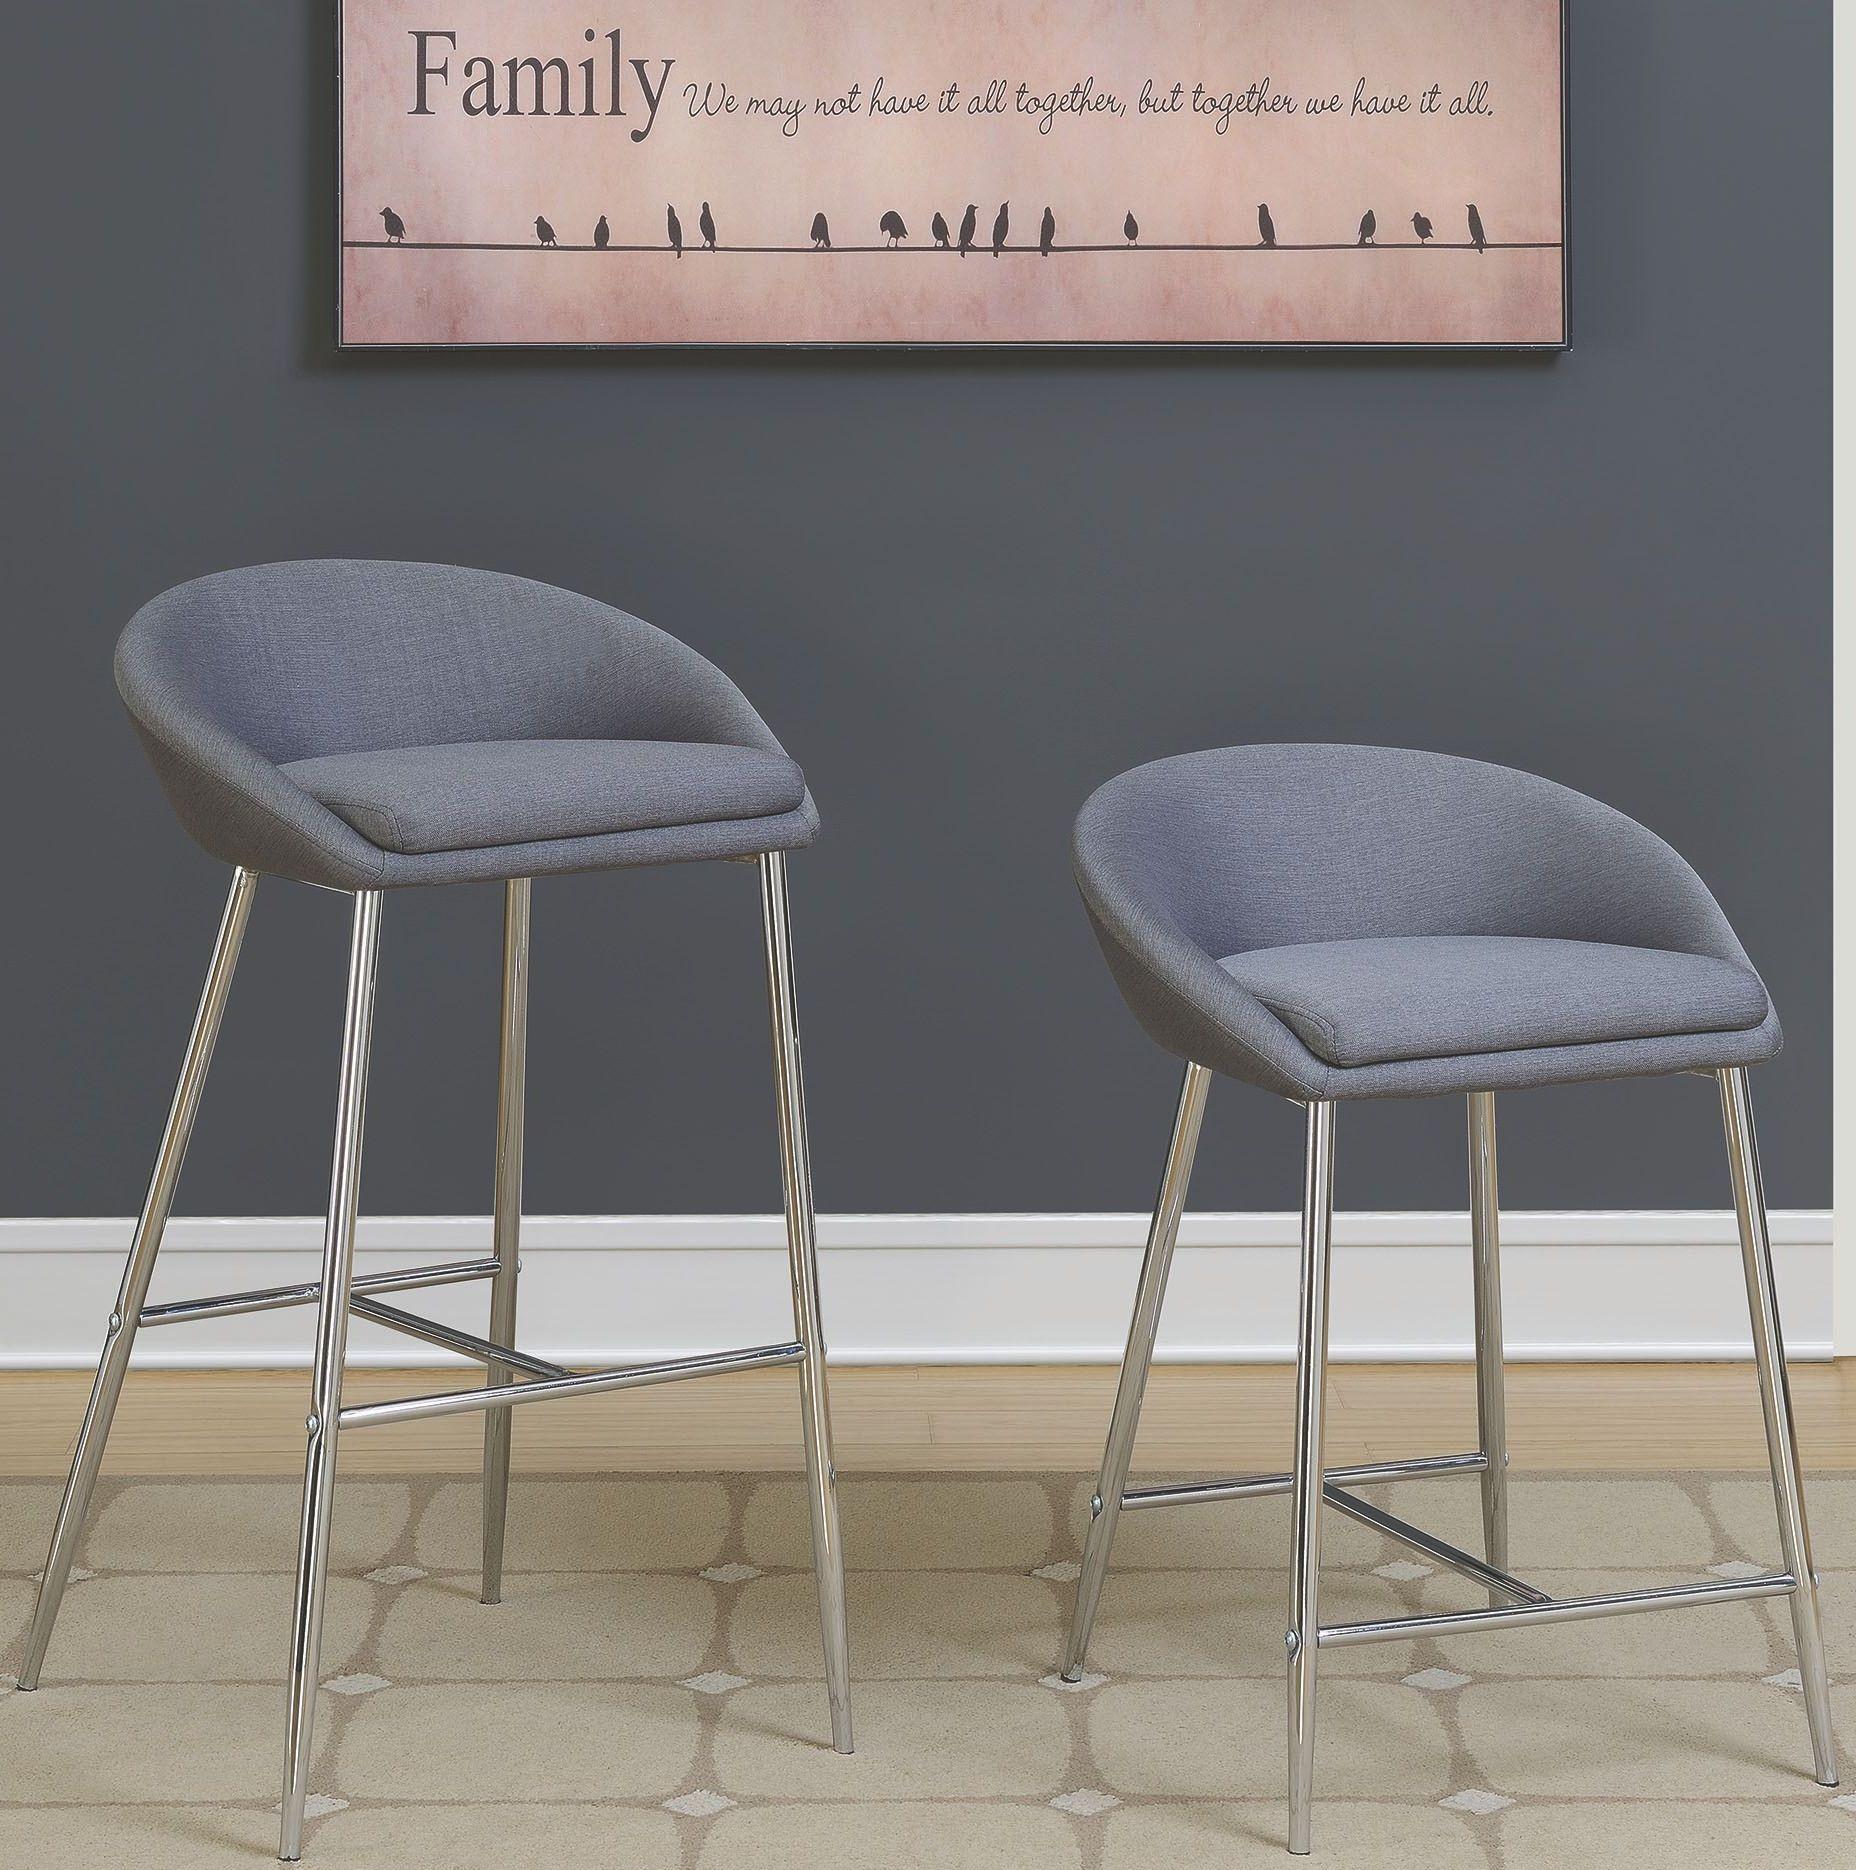 Rec Room Grey Upholstered Bar Stool Set Of 2 102525  : 102525102684 from colemanfurniture.com size 1856 x 1870 jpeg 551kB